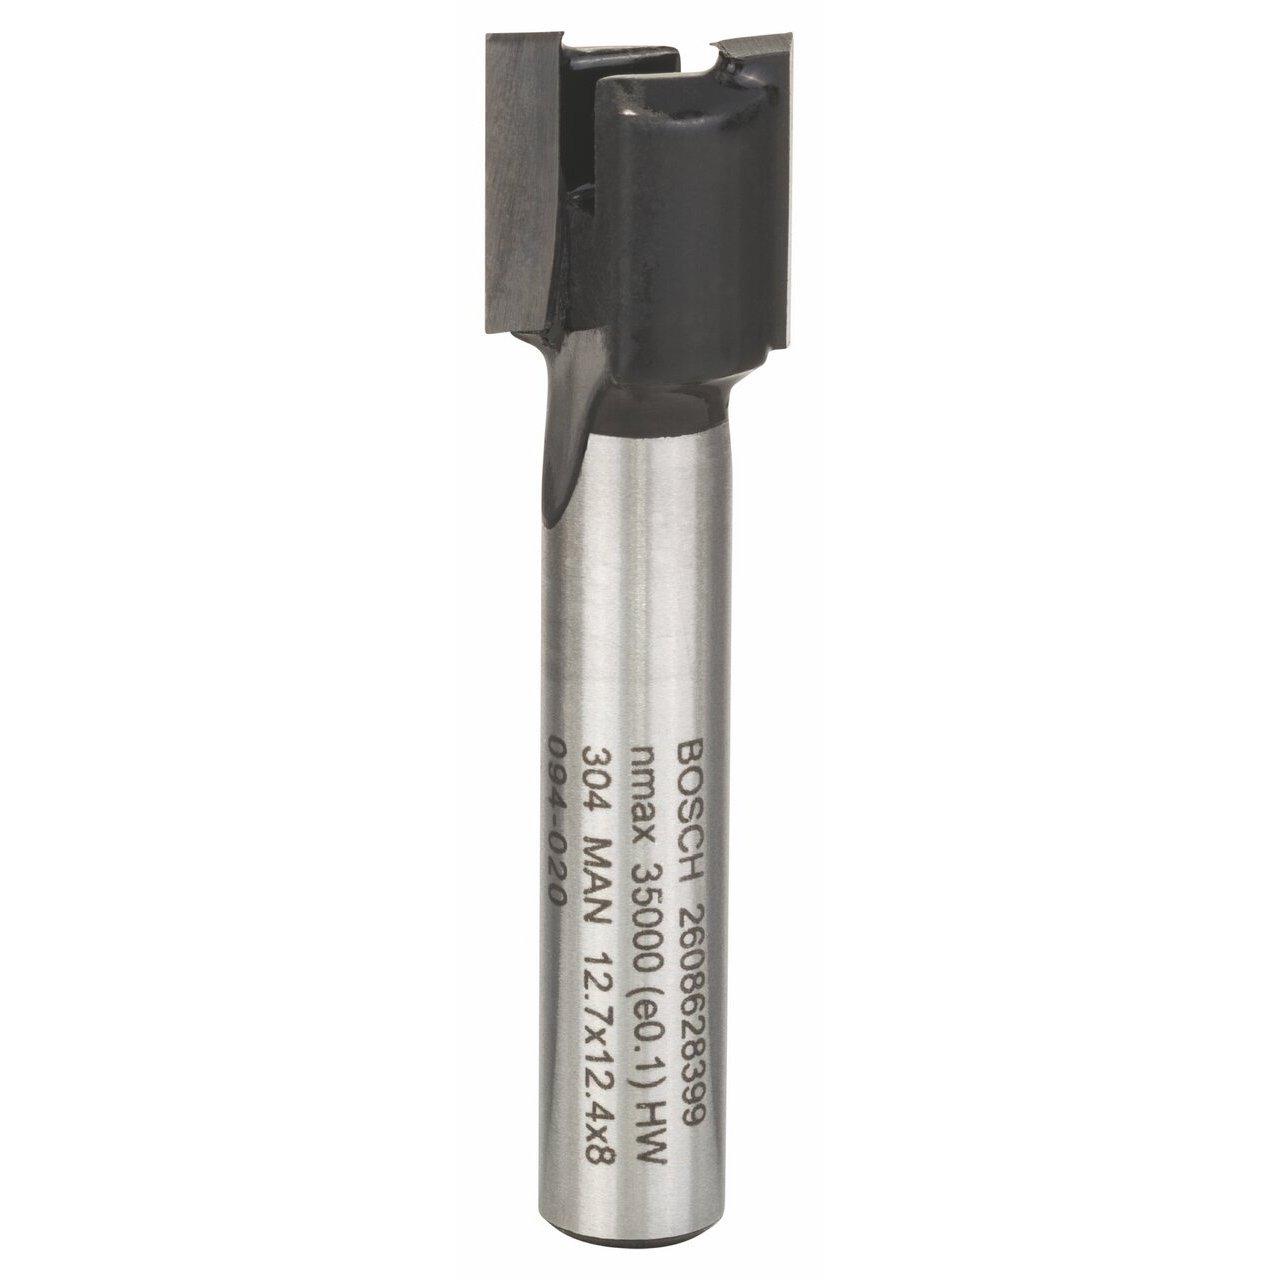 Bosch Zubehö r 2 608 628 390 Nutfrä ser 8 mm, D1 20 mm, L 25 mm, G 56 mm 2608628390